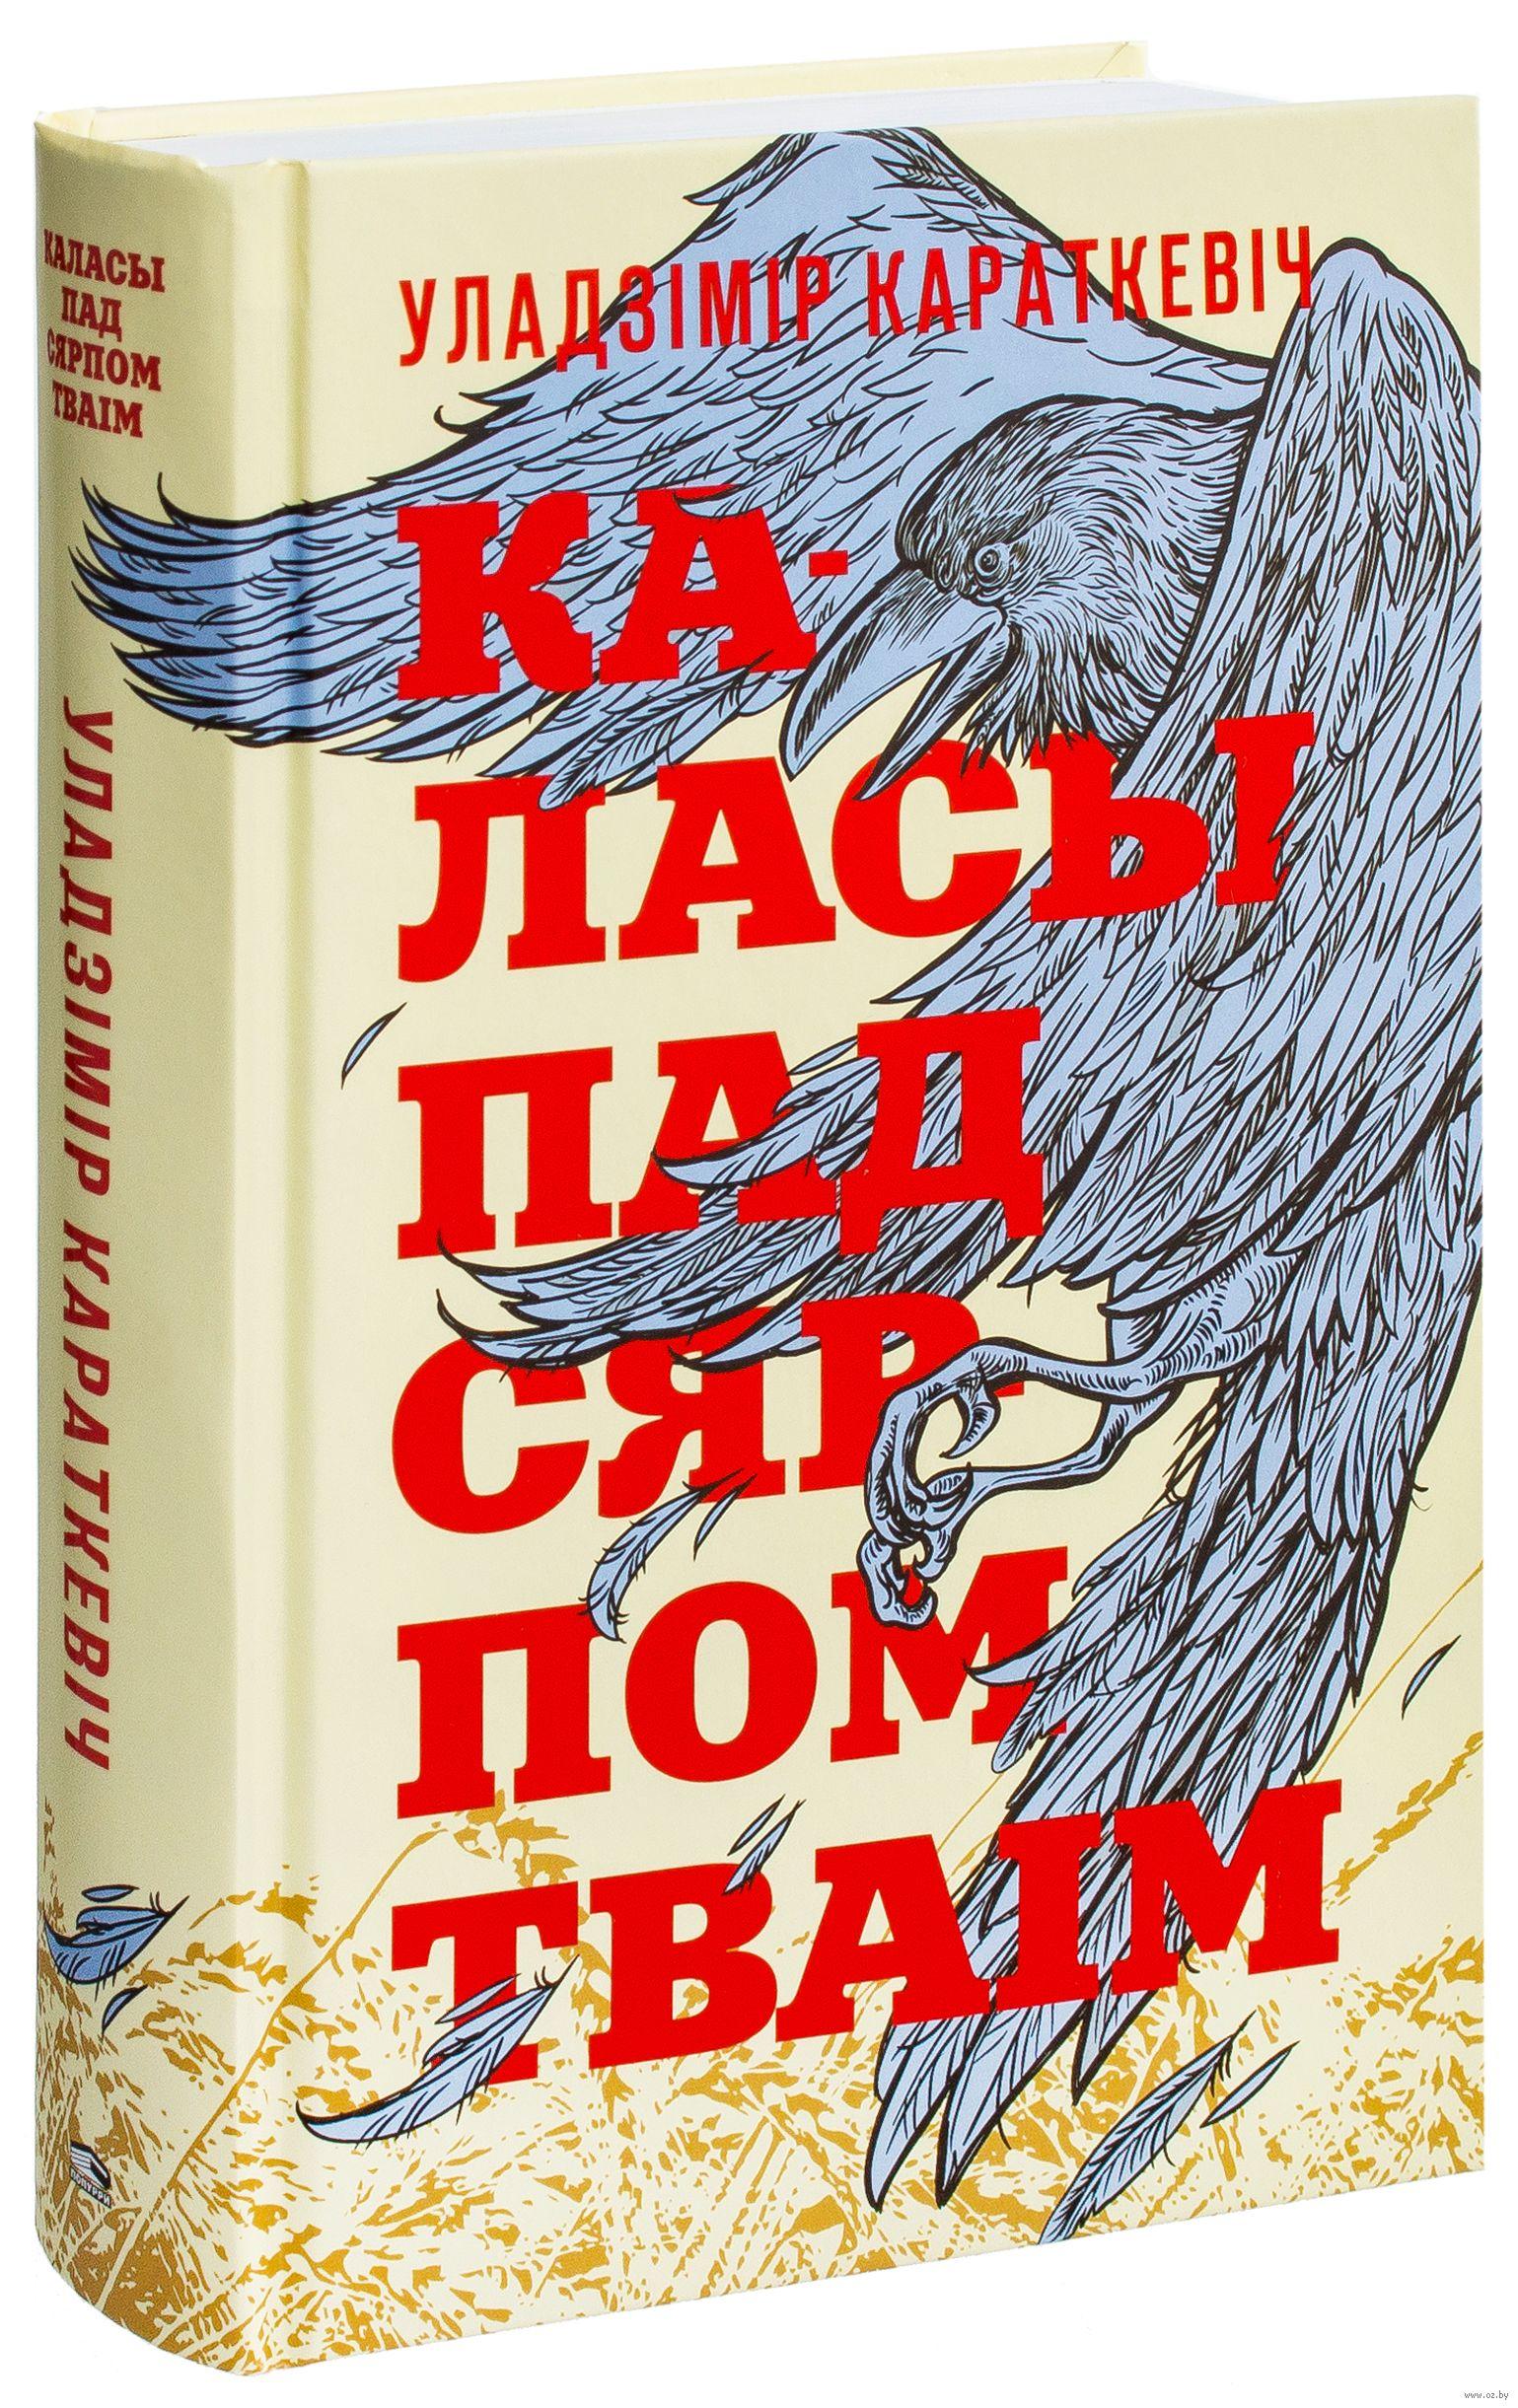 «Каласы пад сярпом тваiм» Уладзімір Караткевіч набыць кнiгу у Мiнску — Кніжная крама OZ.by